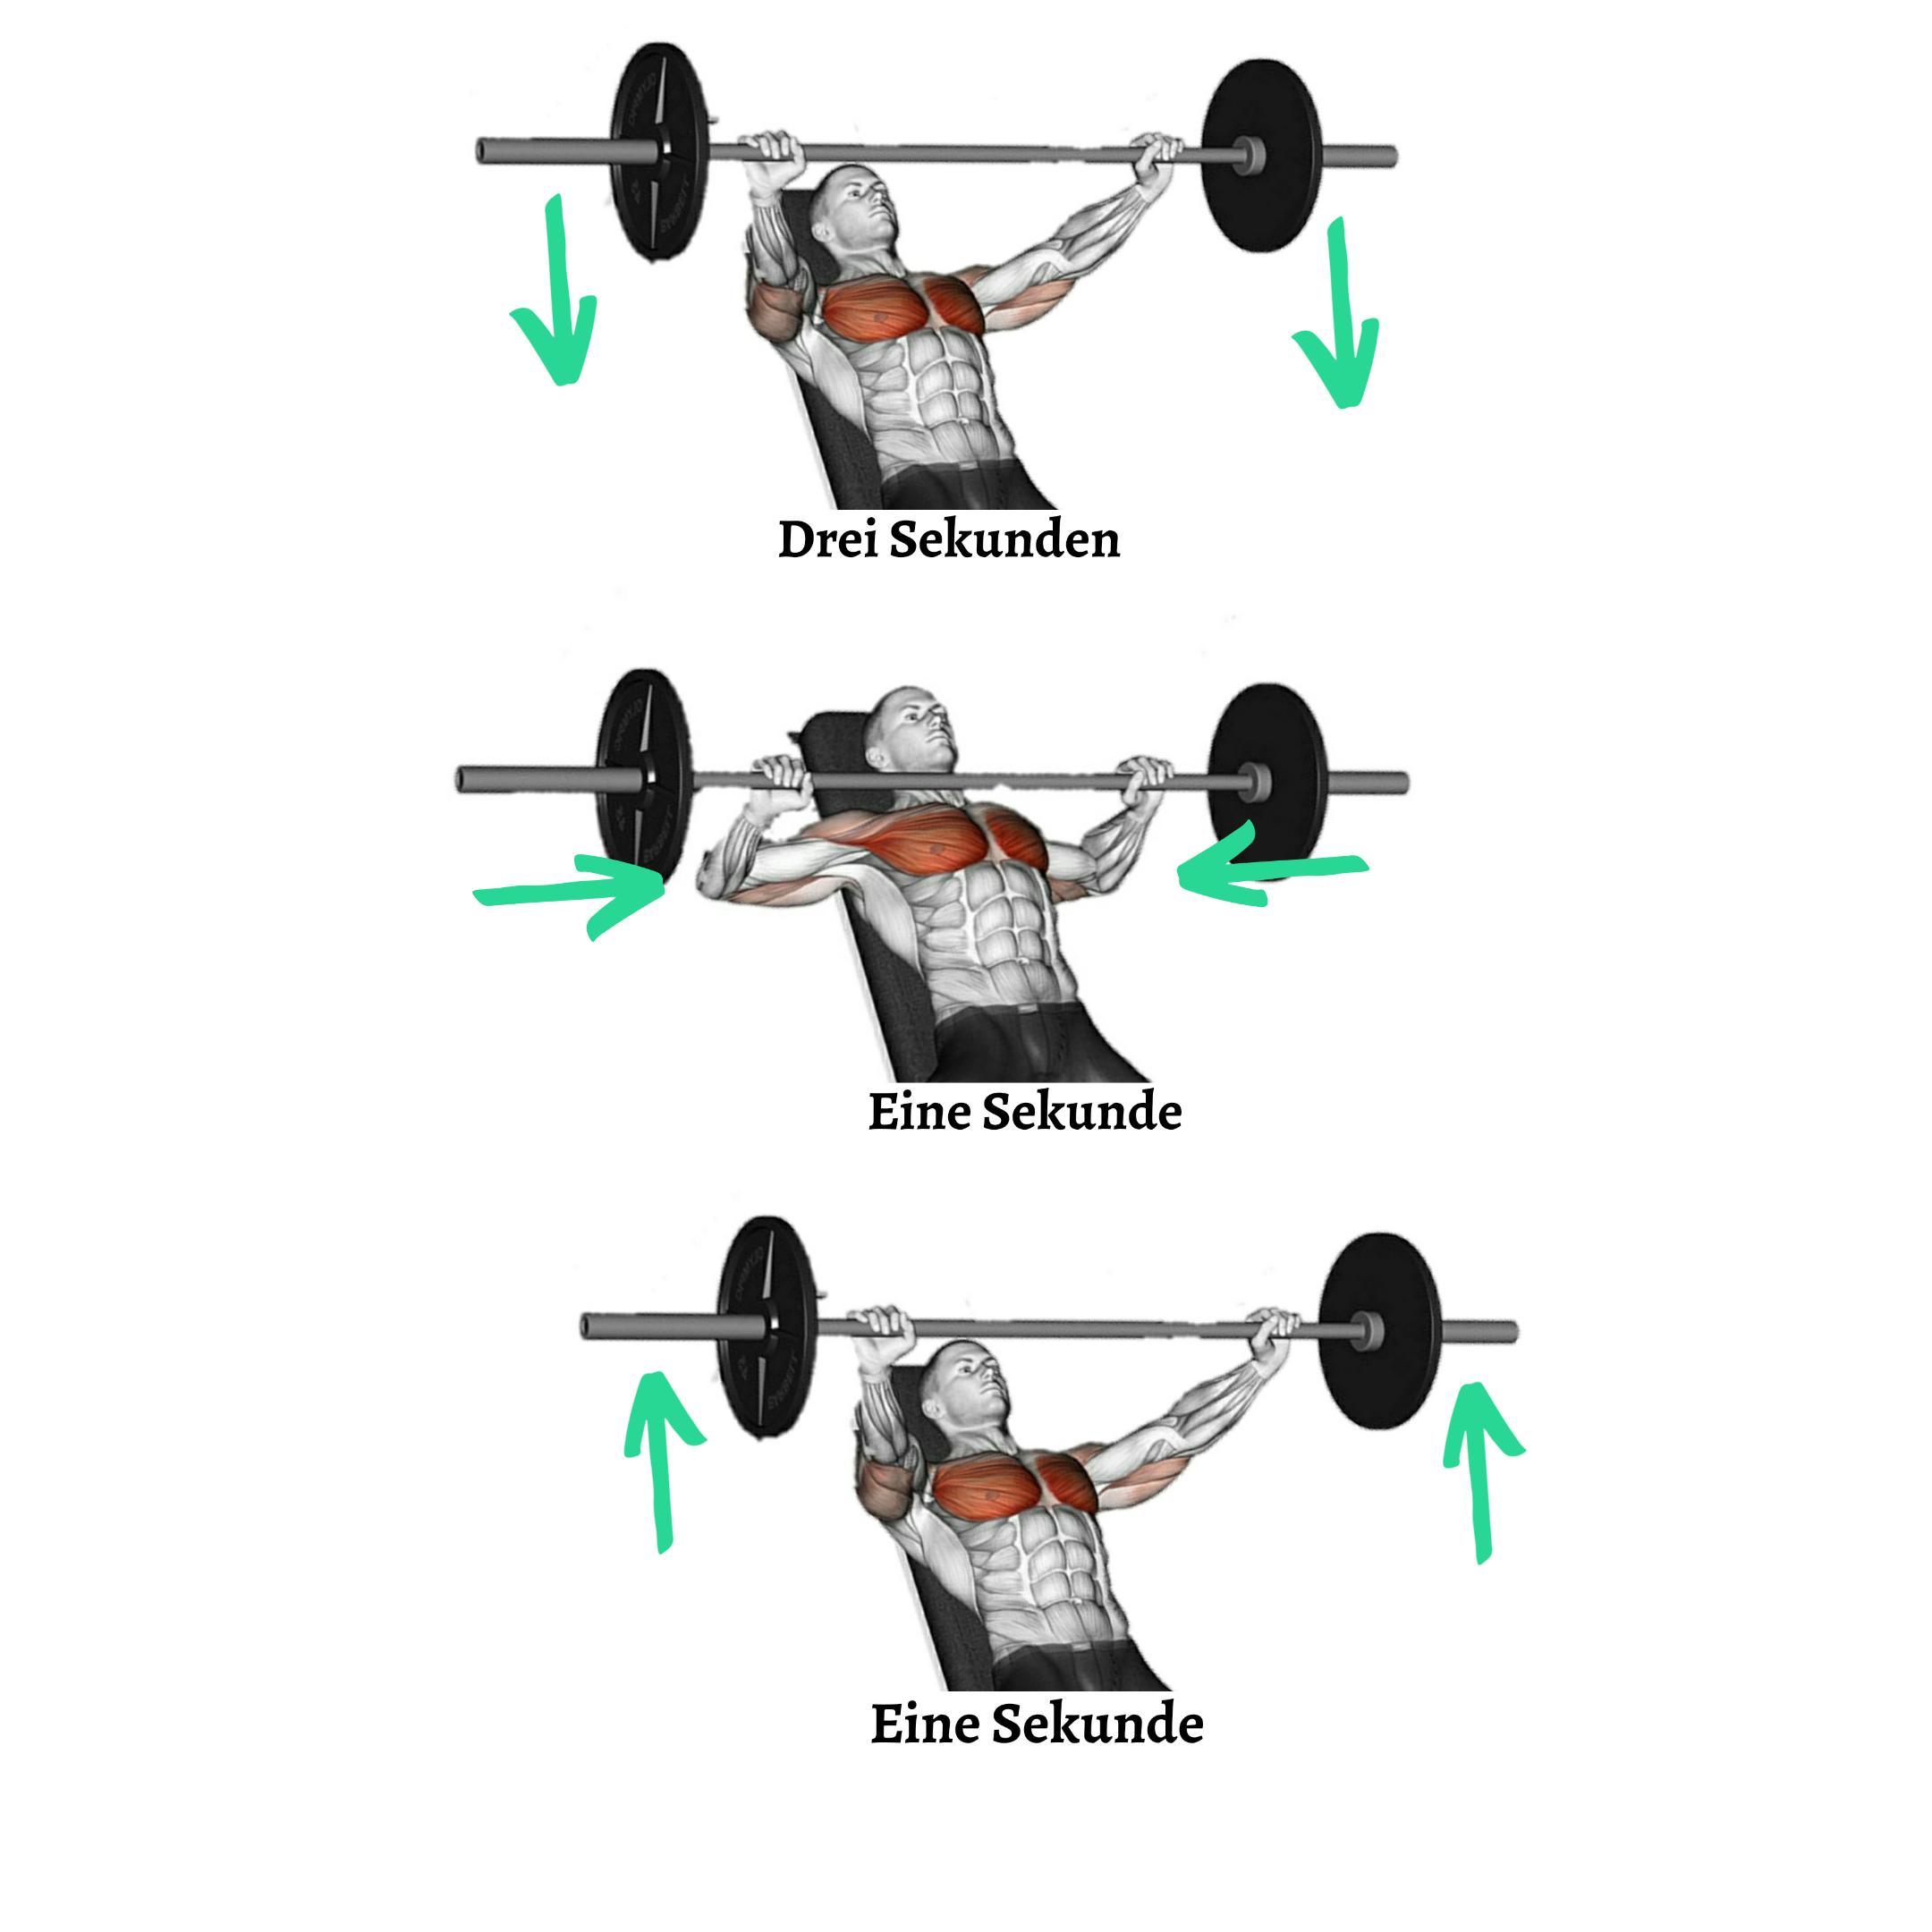 intensitaetstechnik, uebung, anleitung, muskelaufbau